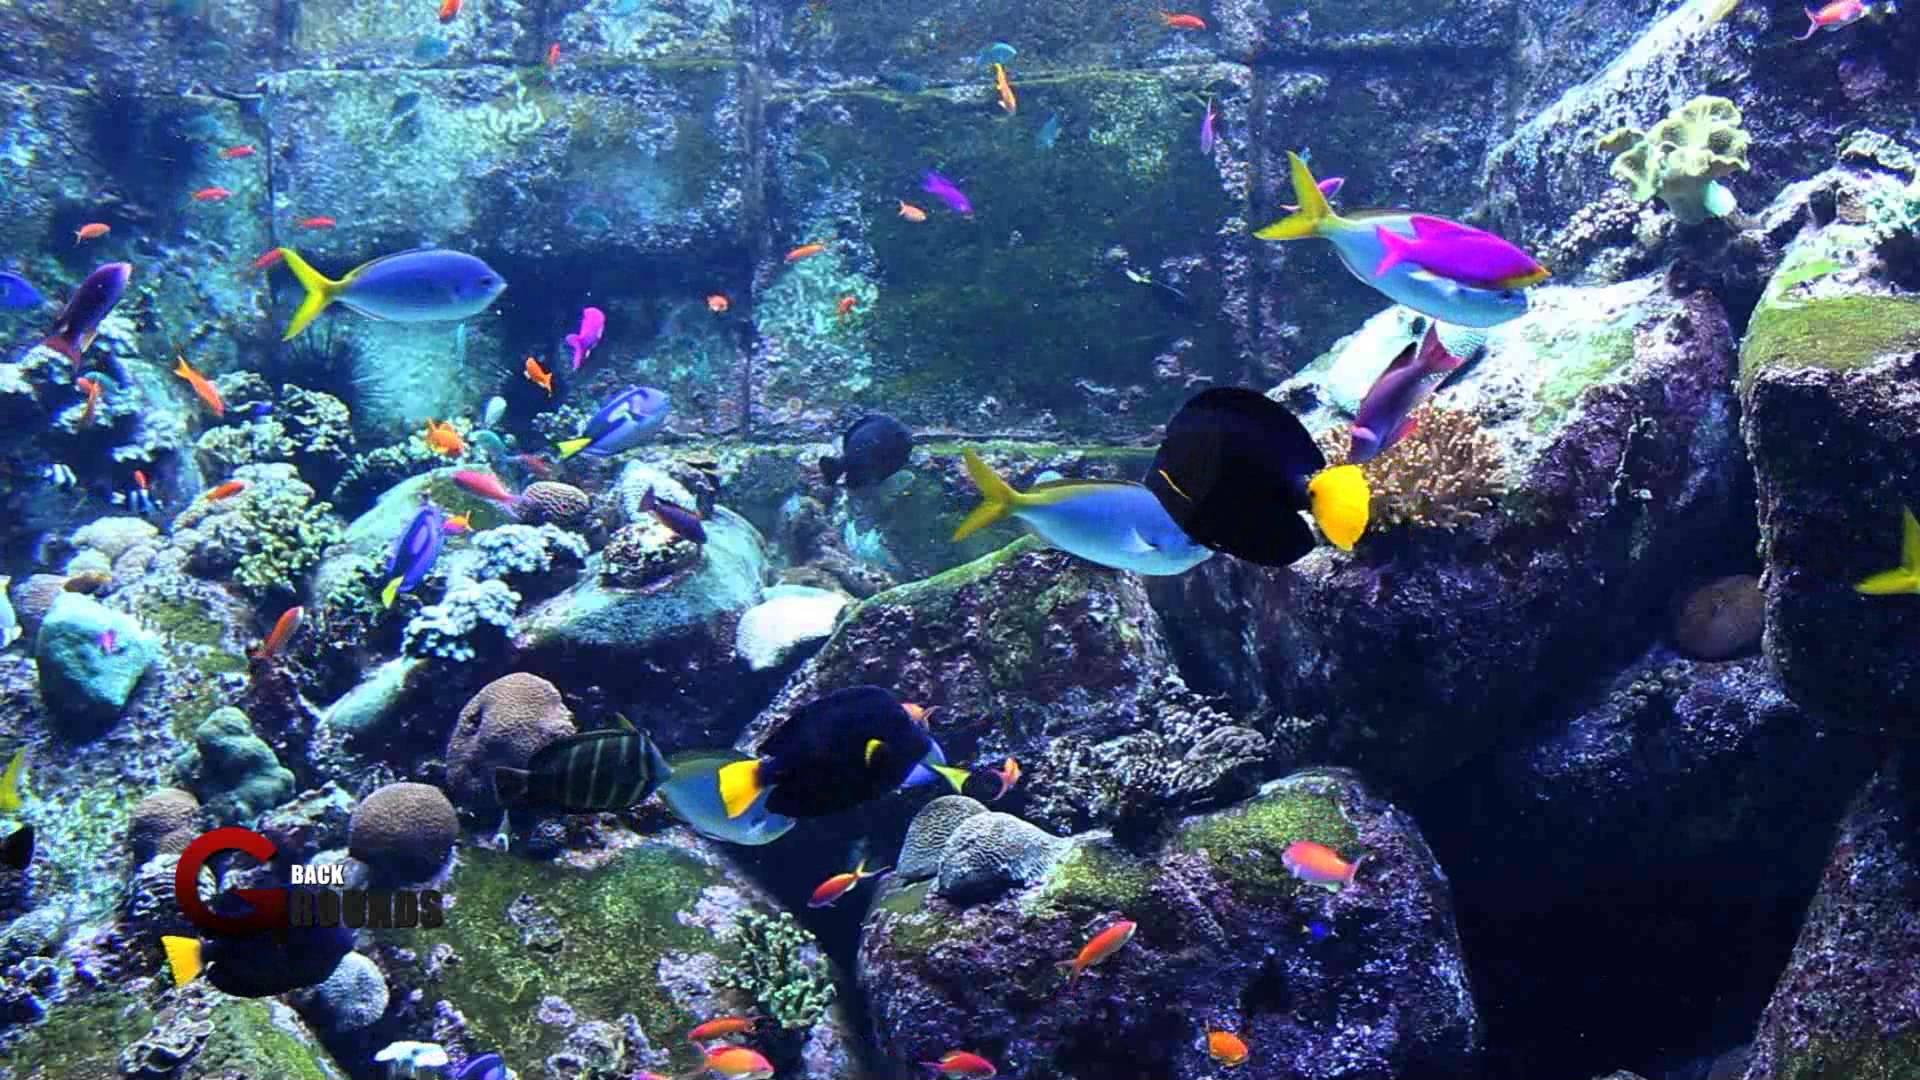 Fish aquarium screensaver - Desktop Hd Download Fish Aquarium 3d Wallpaper 3d Hd Pictures